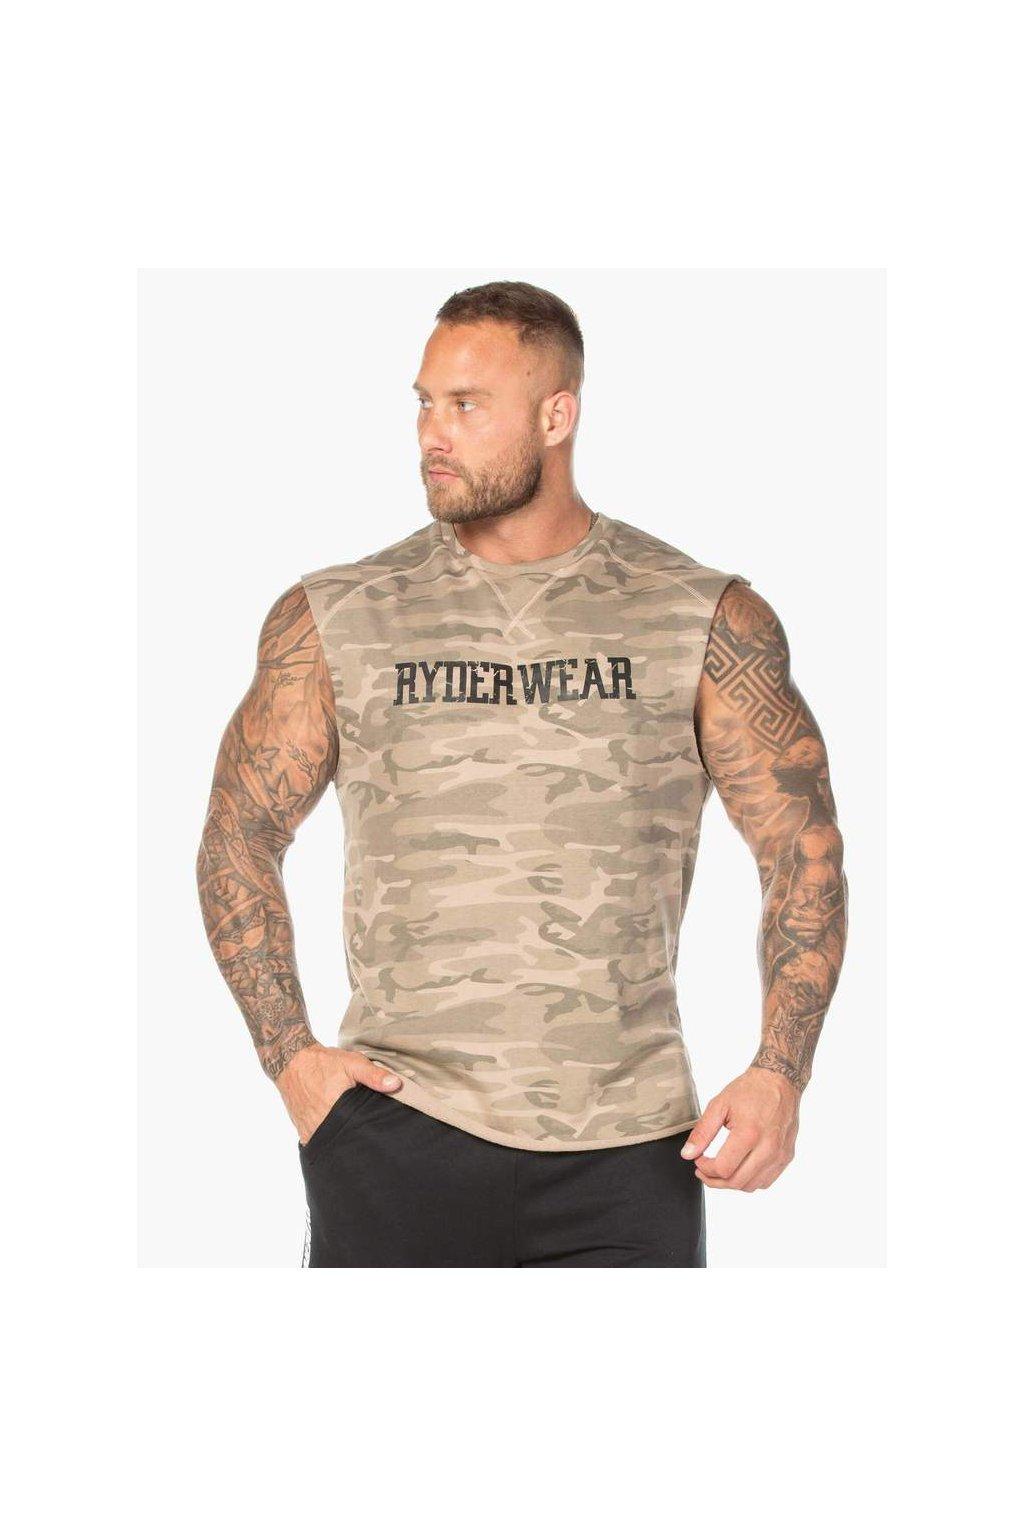 camo fleece tank tan camo clothing ryderwear 395884 1000x1000